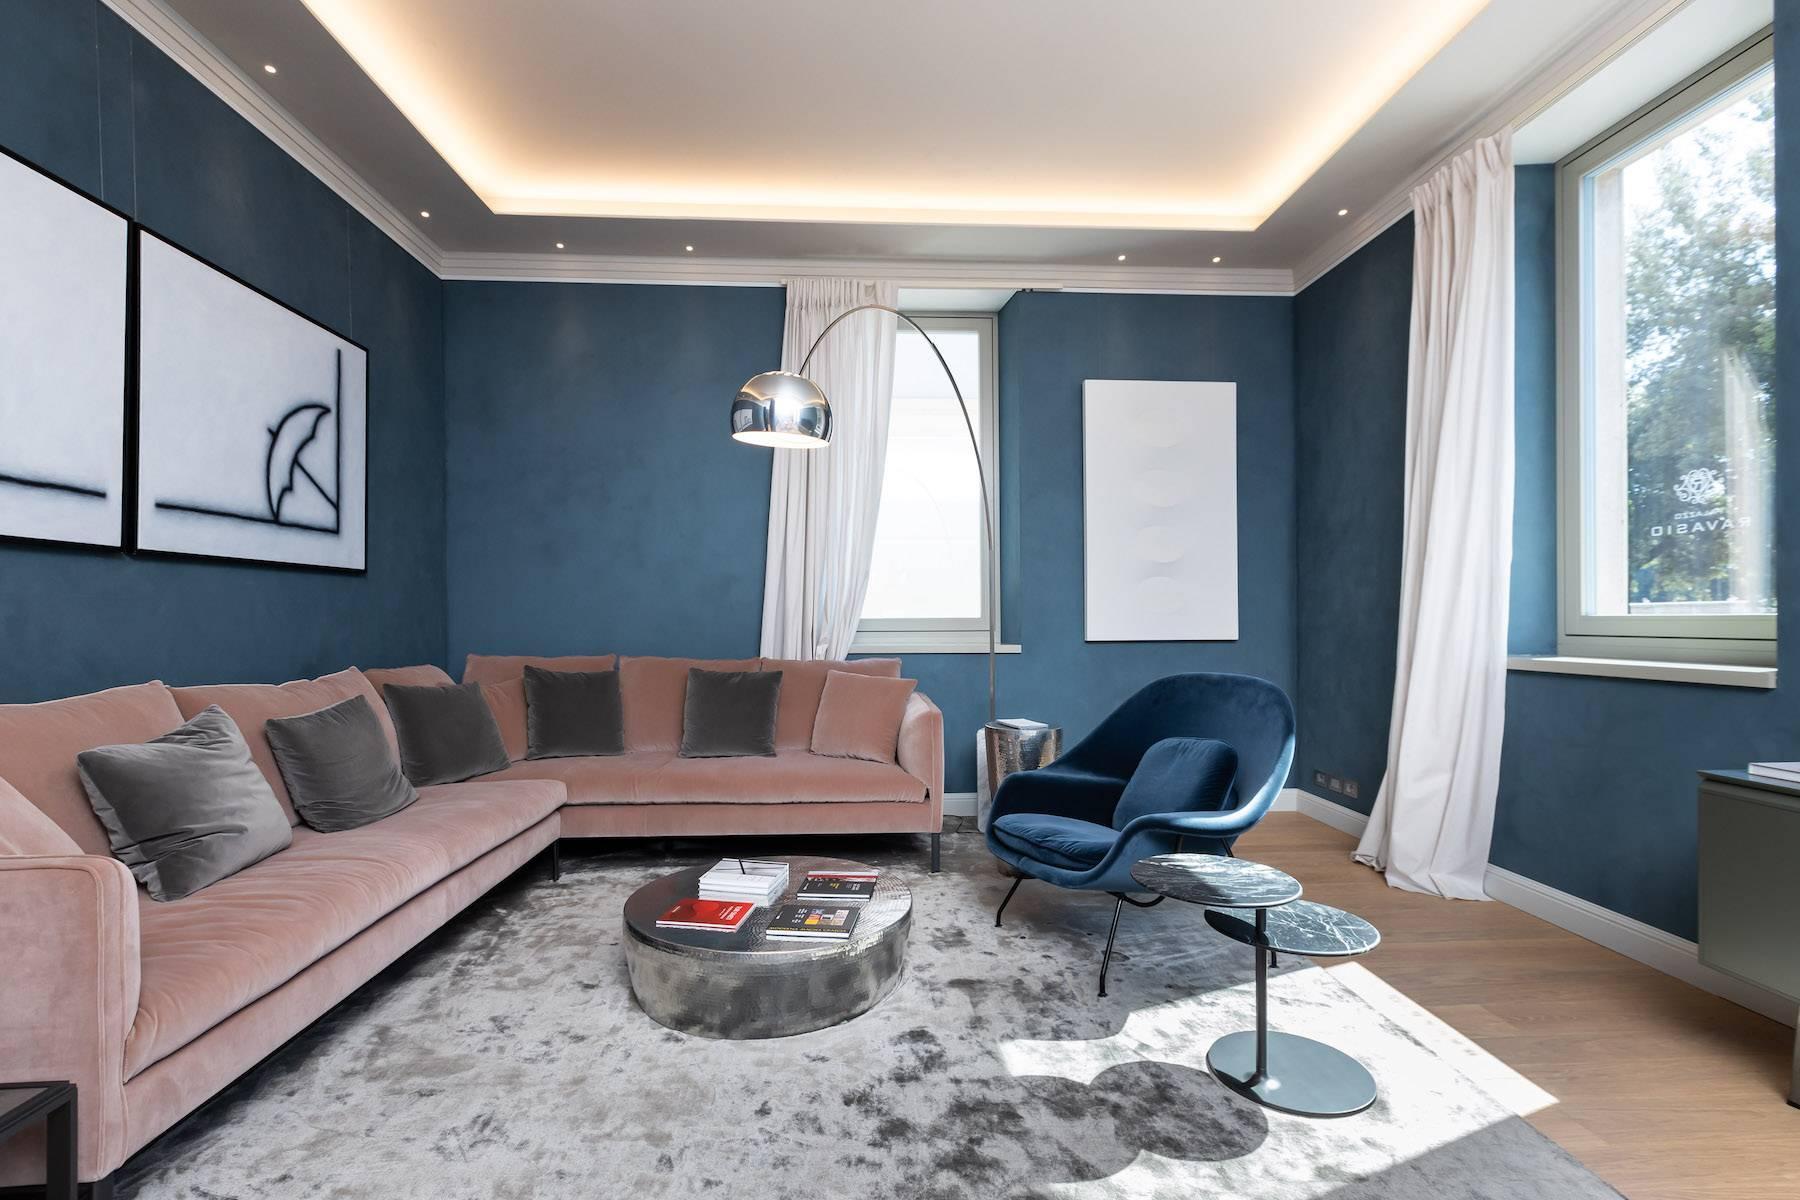 Herrliche Wohnung in einem eleganten historischen Gebäude mit Blick auf den Adige - 2